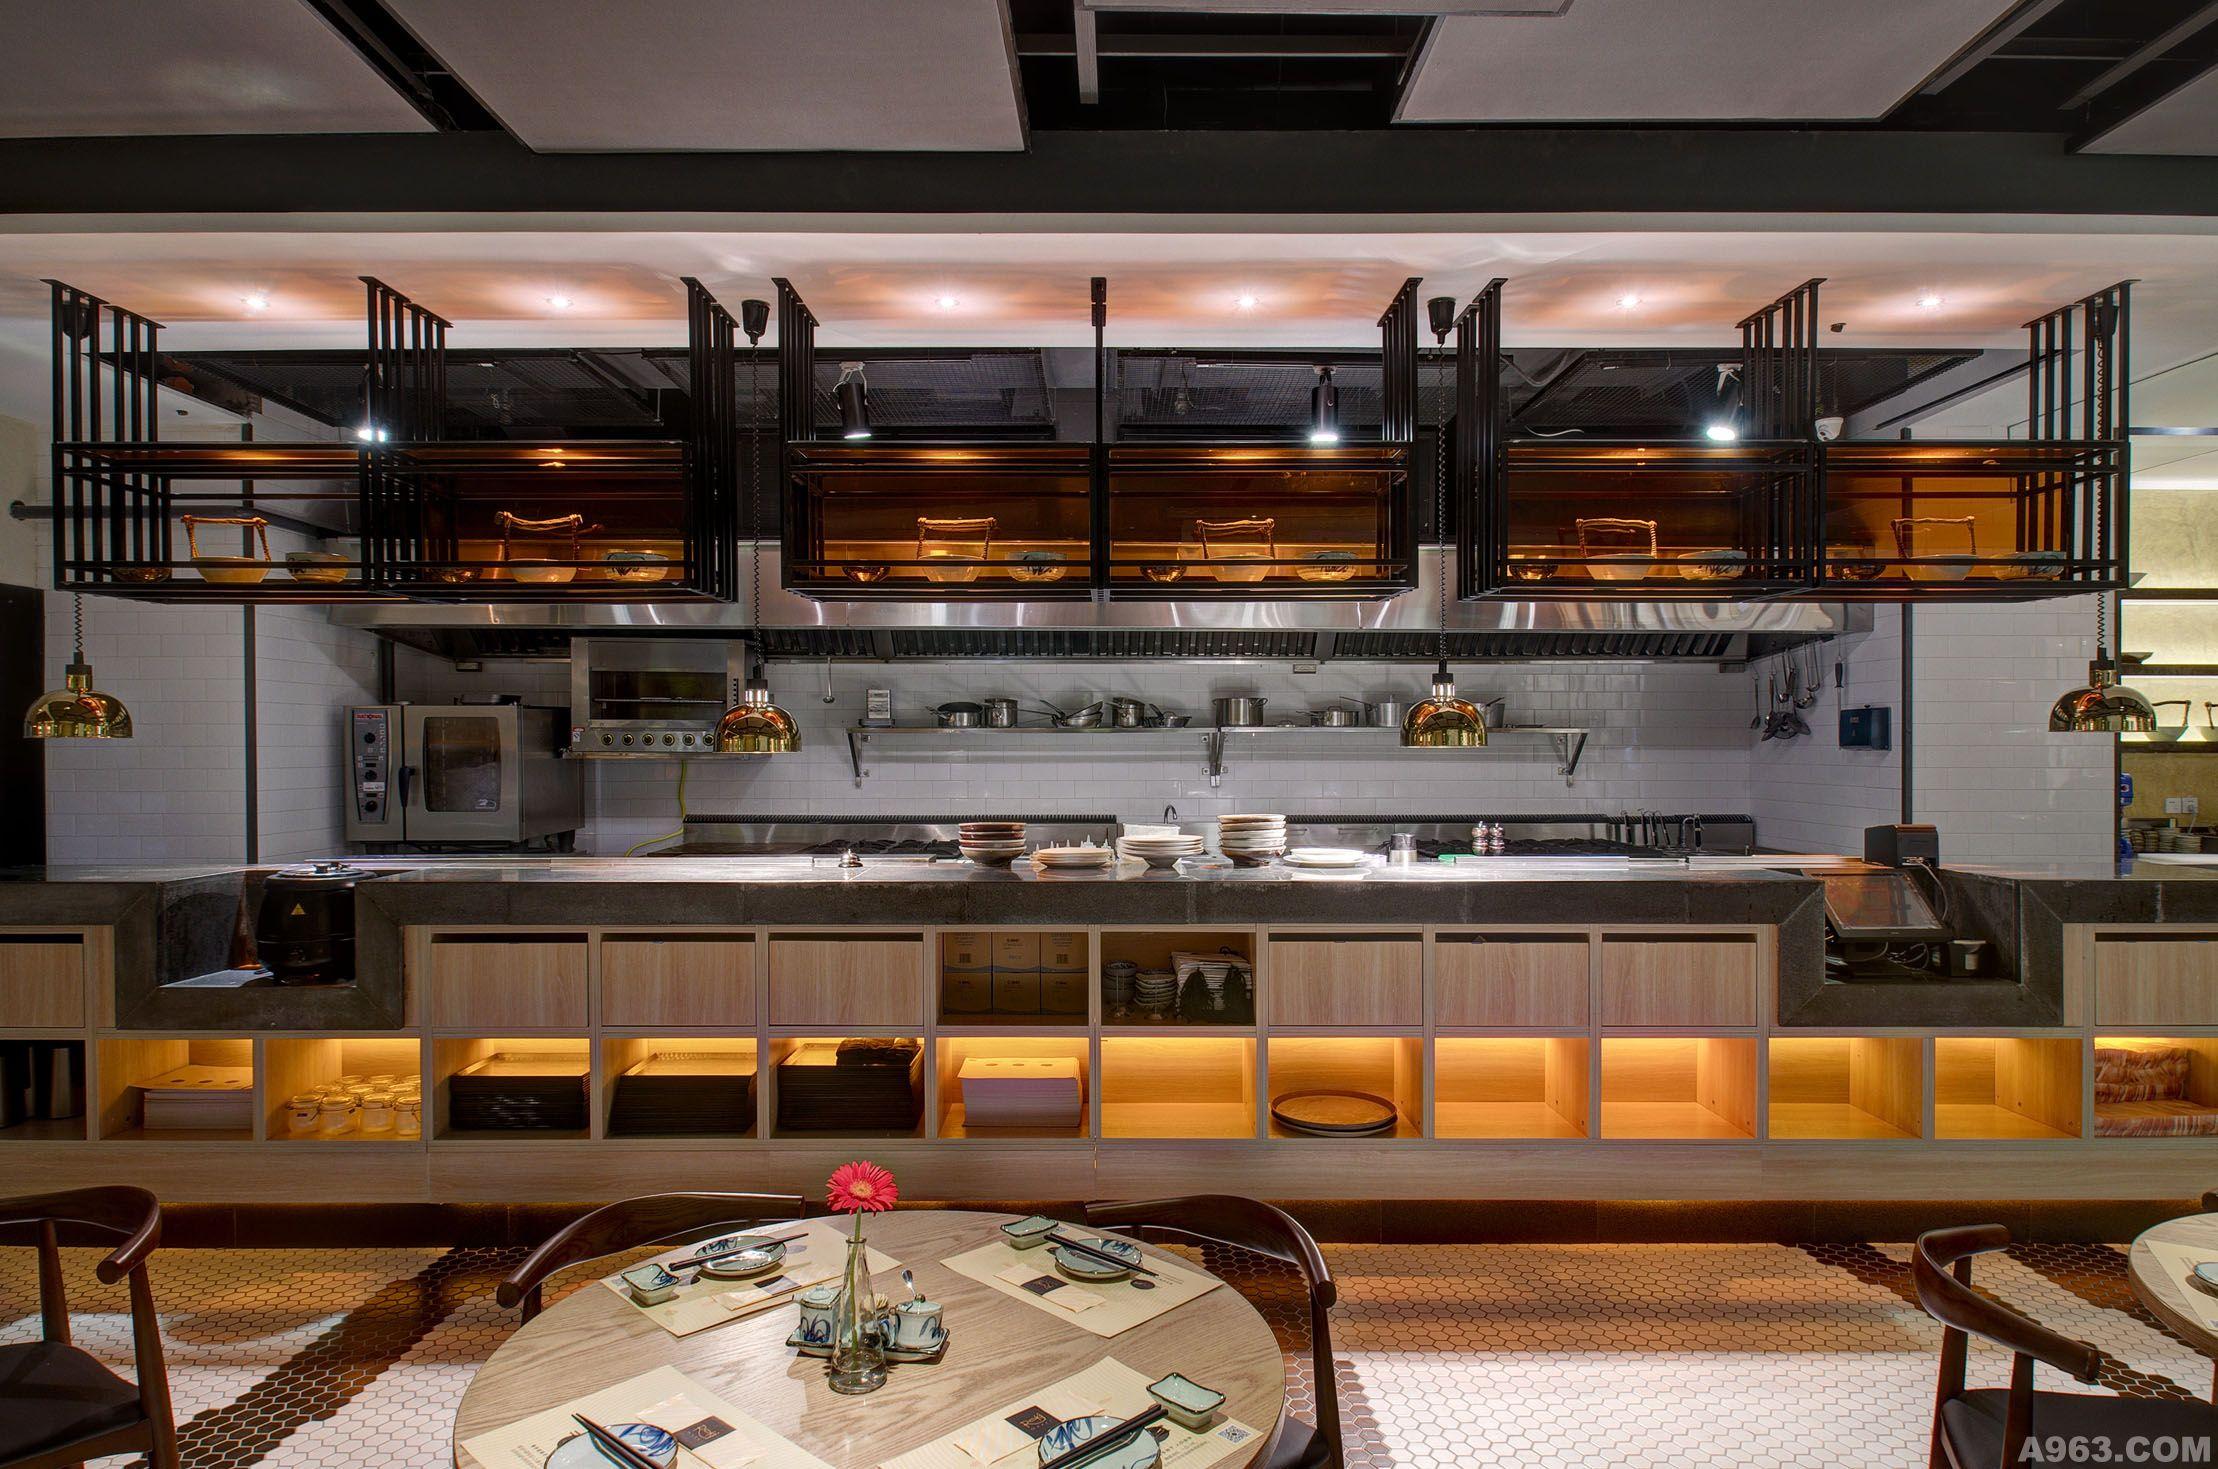 中华室内设计网 作品中心 公共空间 餐饮空间 > 隐巷设计顾问有限公司